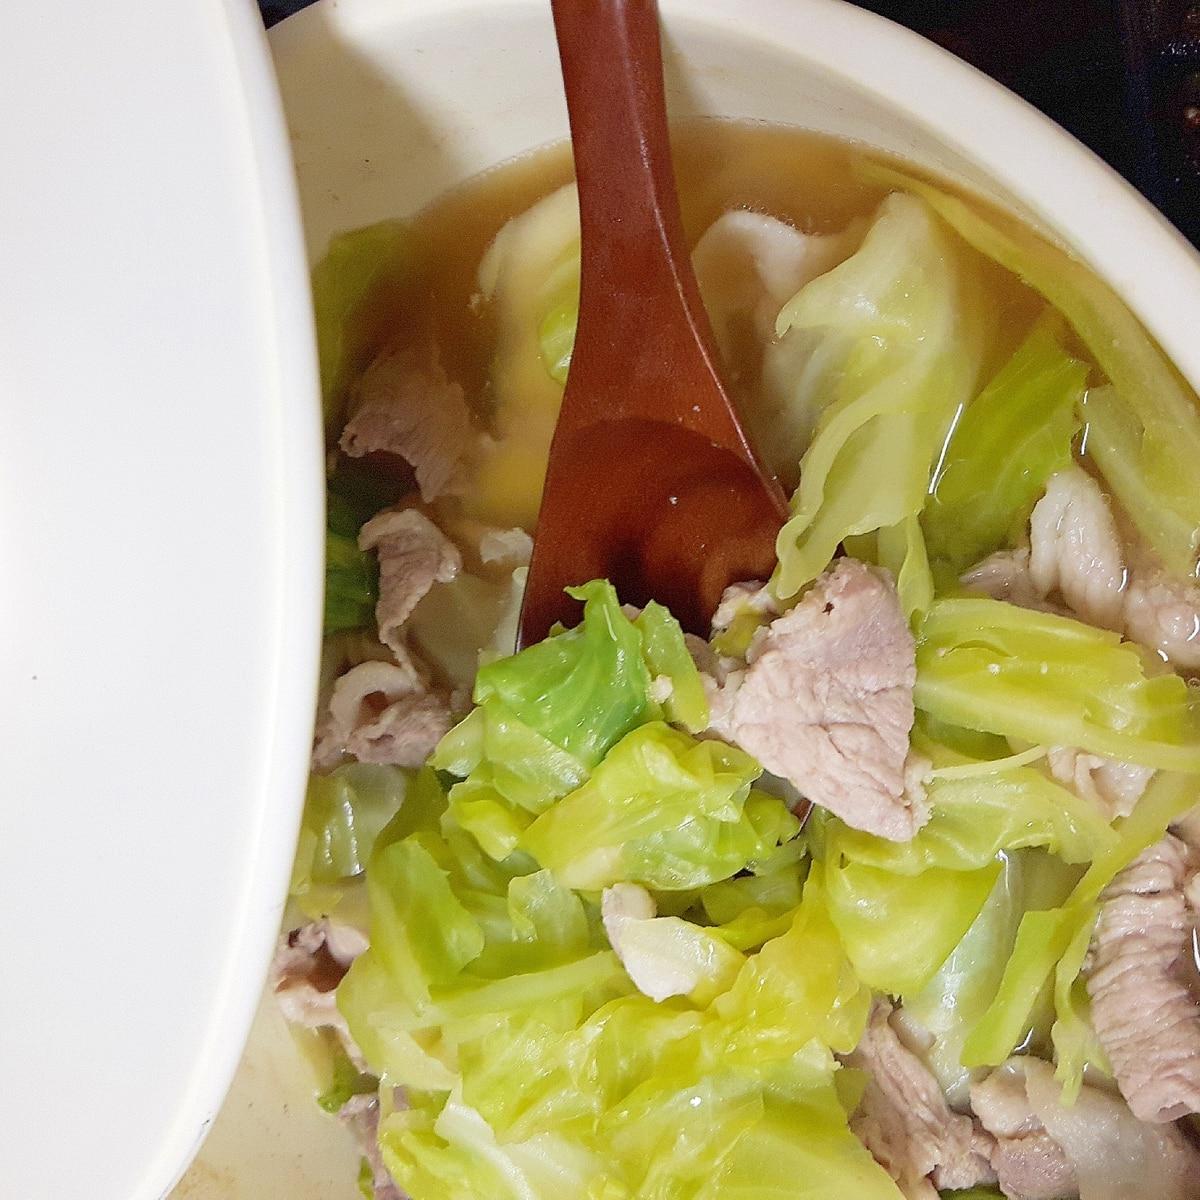 がら 鍋 鶏 スープ 鶏ガラスープレシピ 鶏肉のプロがラーメンや鍋に人気のだしの作り方を伝授します